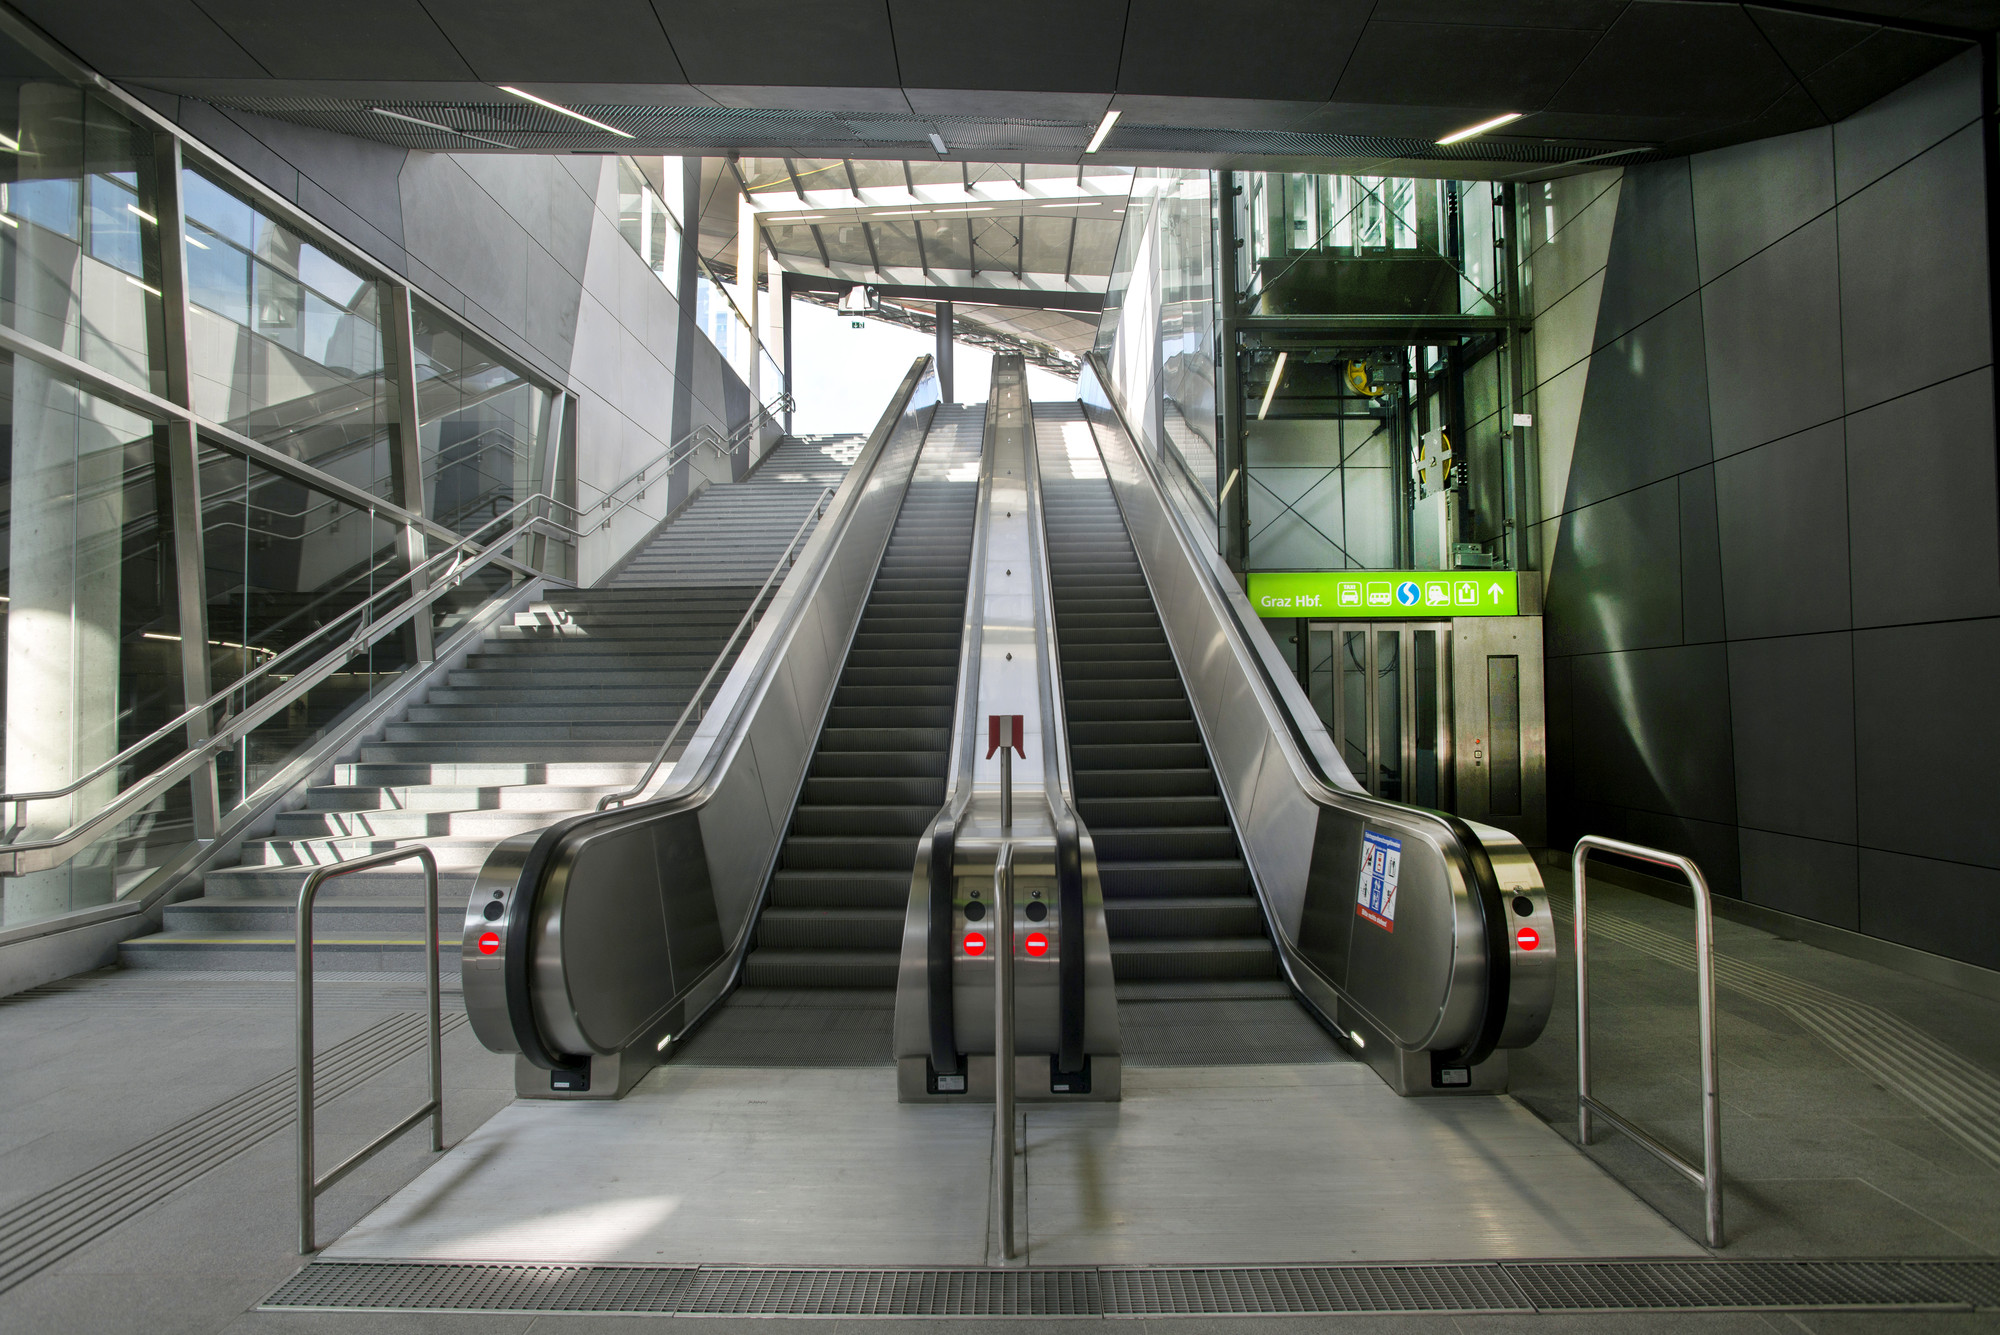 Graz Main Station Local Transport Hub / Zechner & Zechner